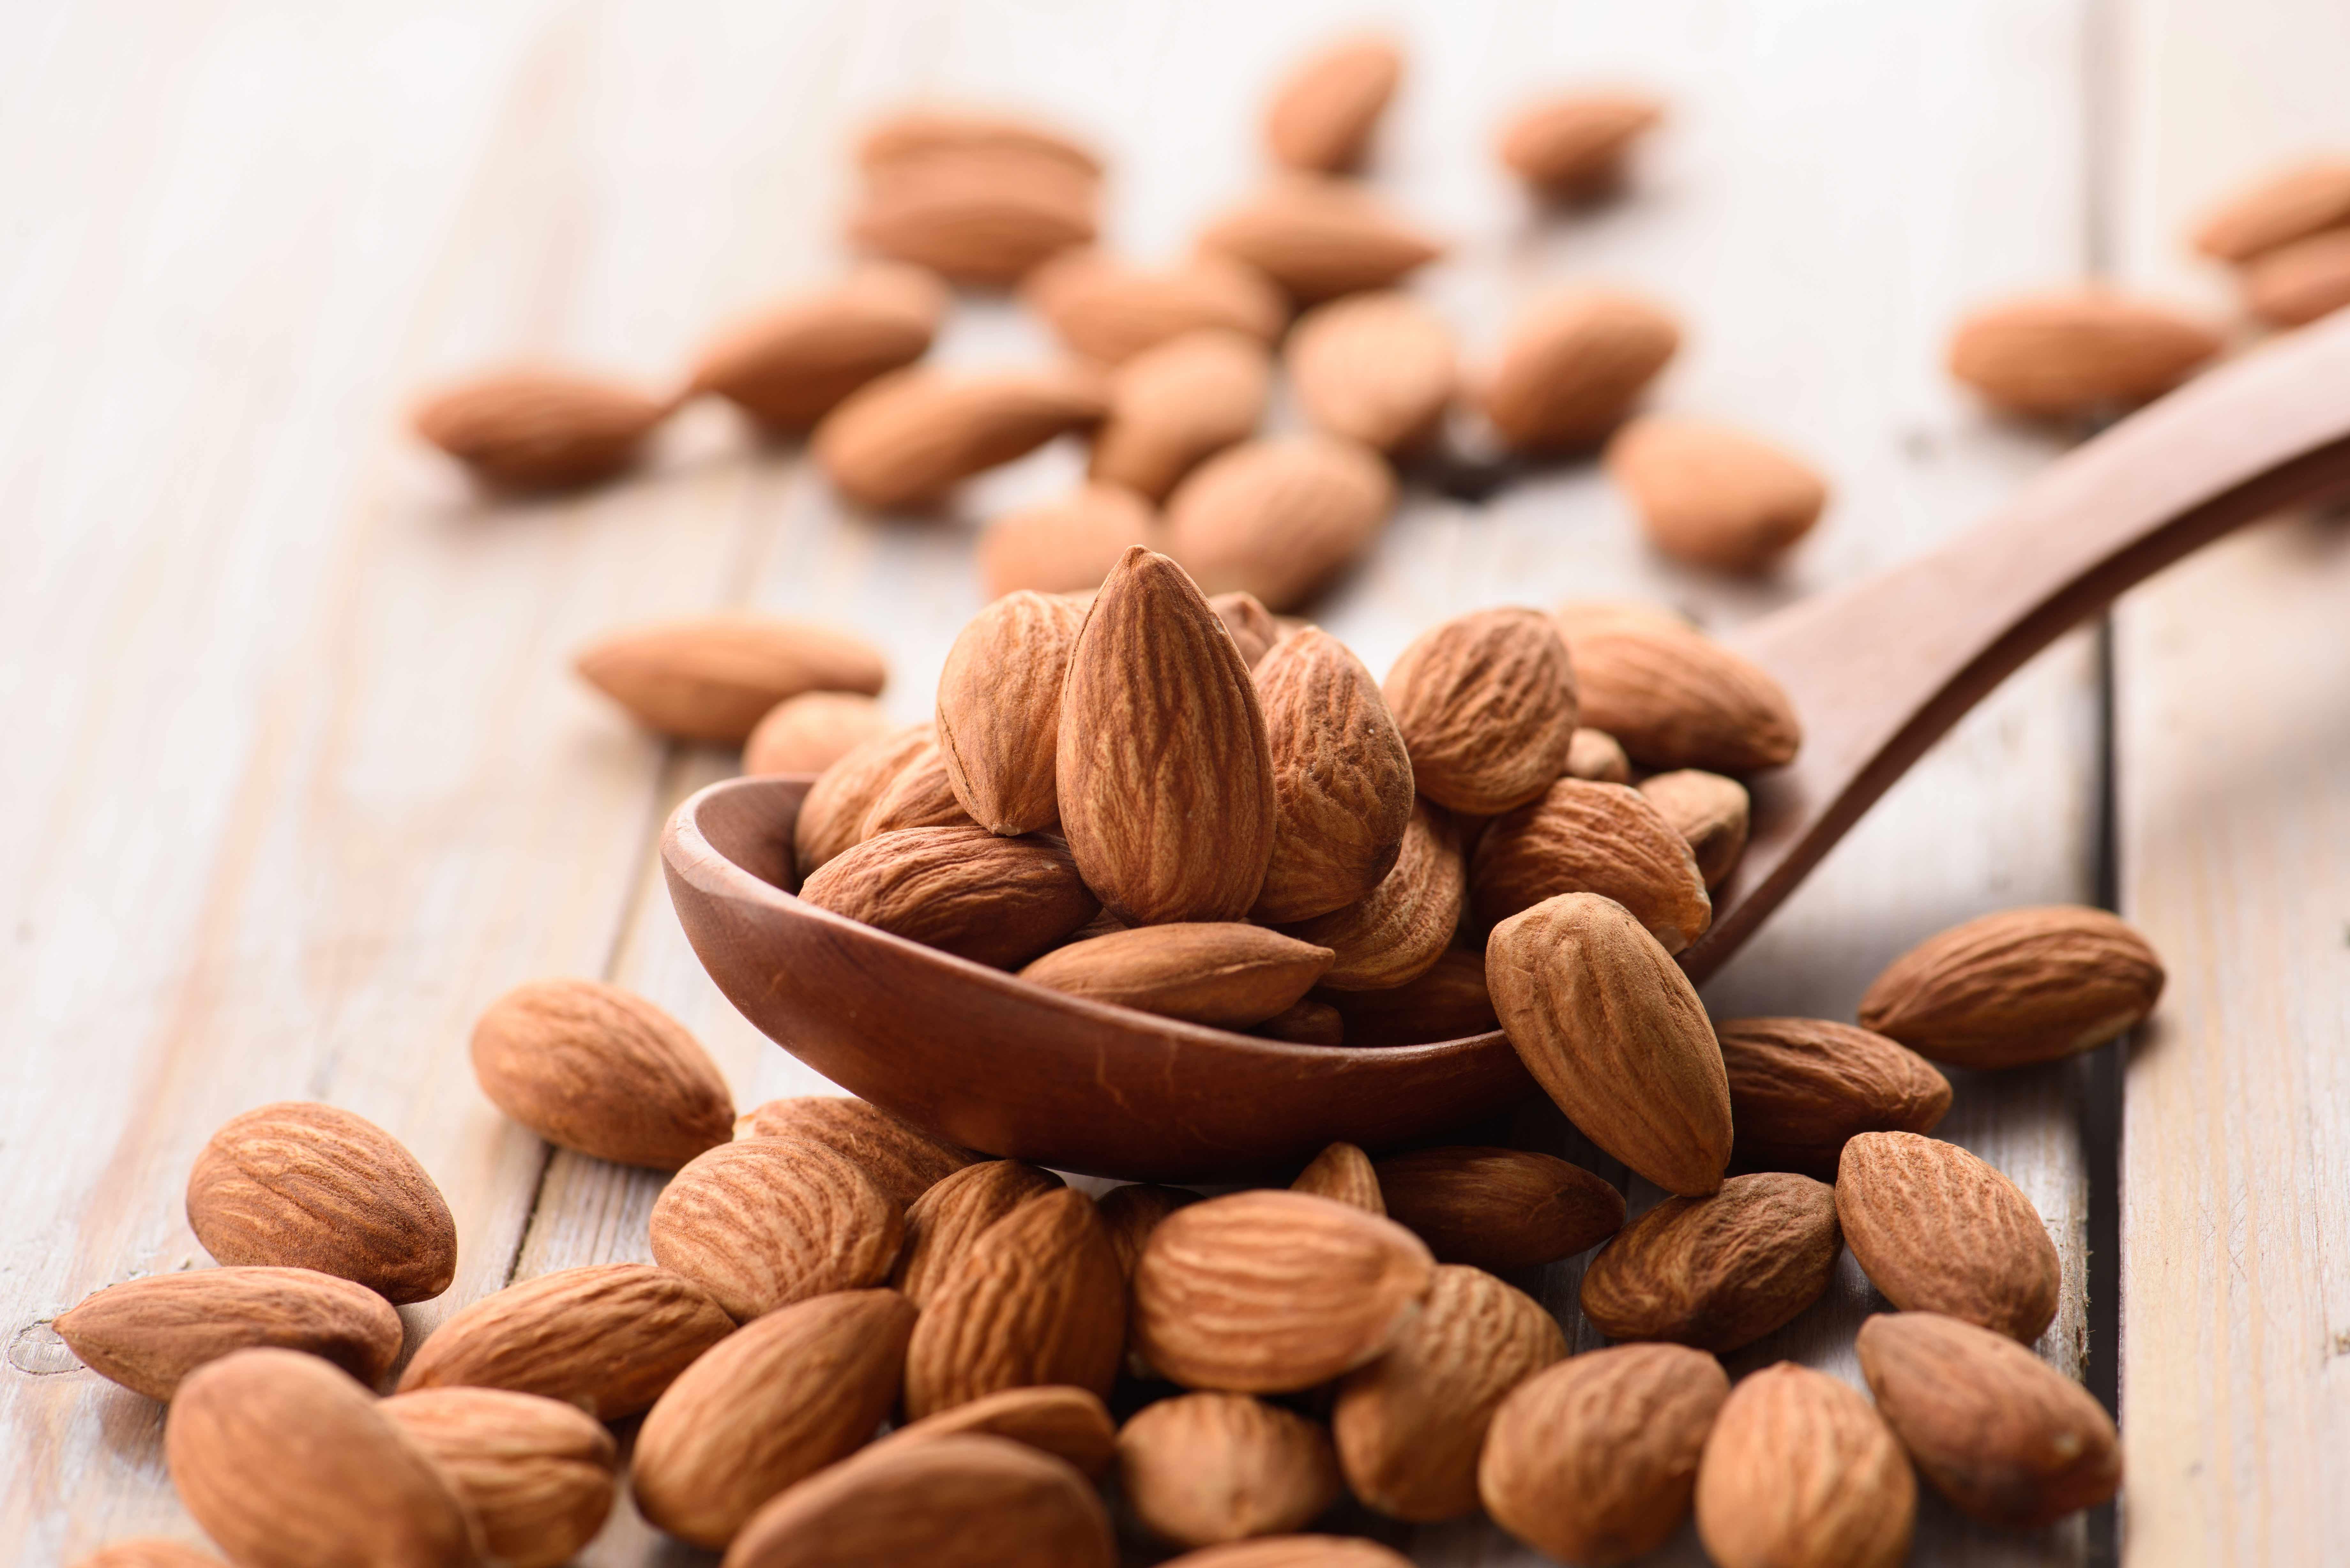 Razón 2: ayudan a reducir el colesterol ya que aportan ácidos grasos Omega-3.